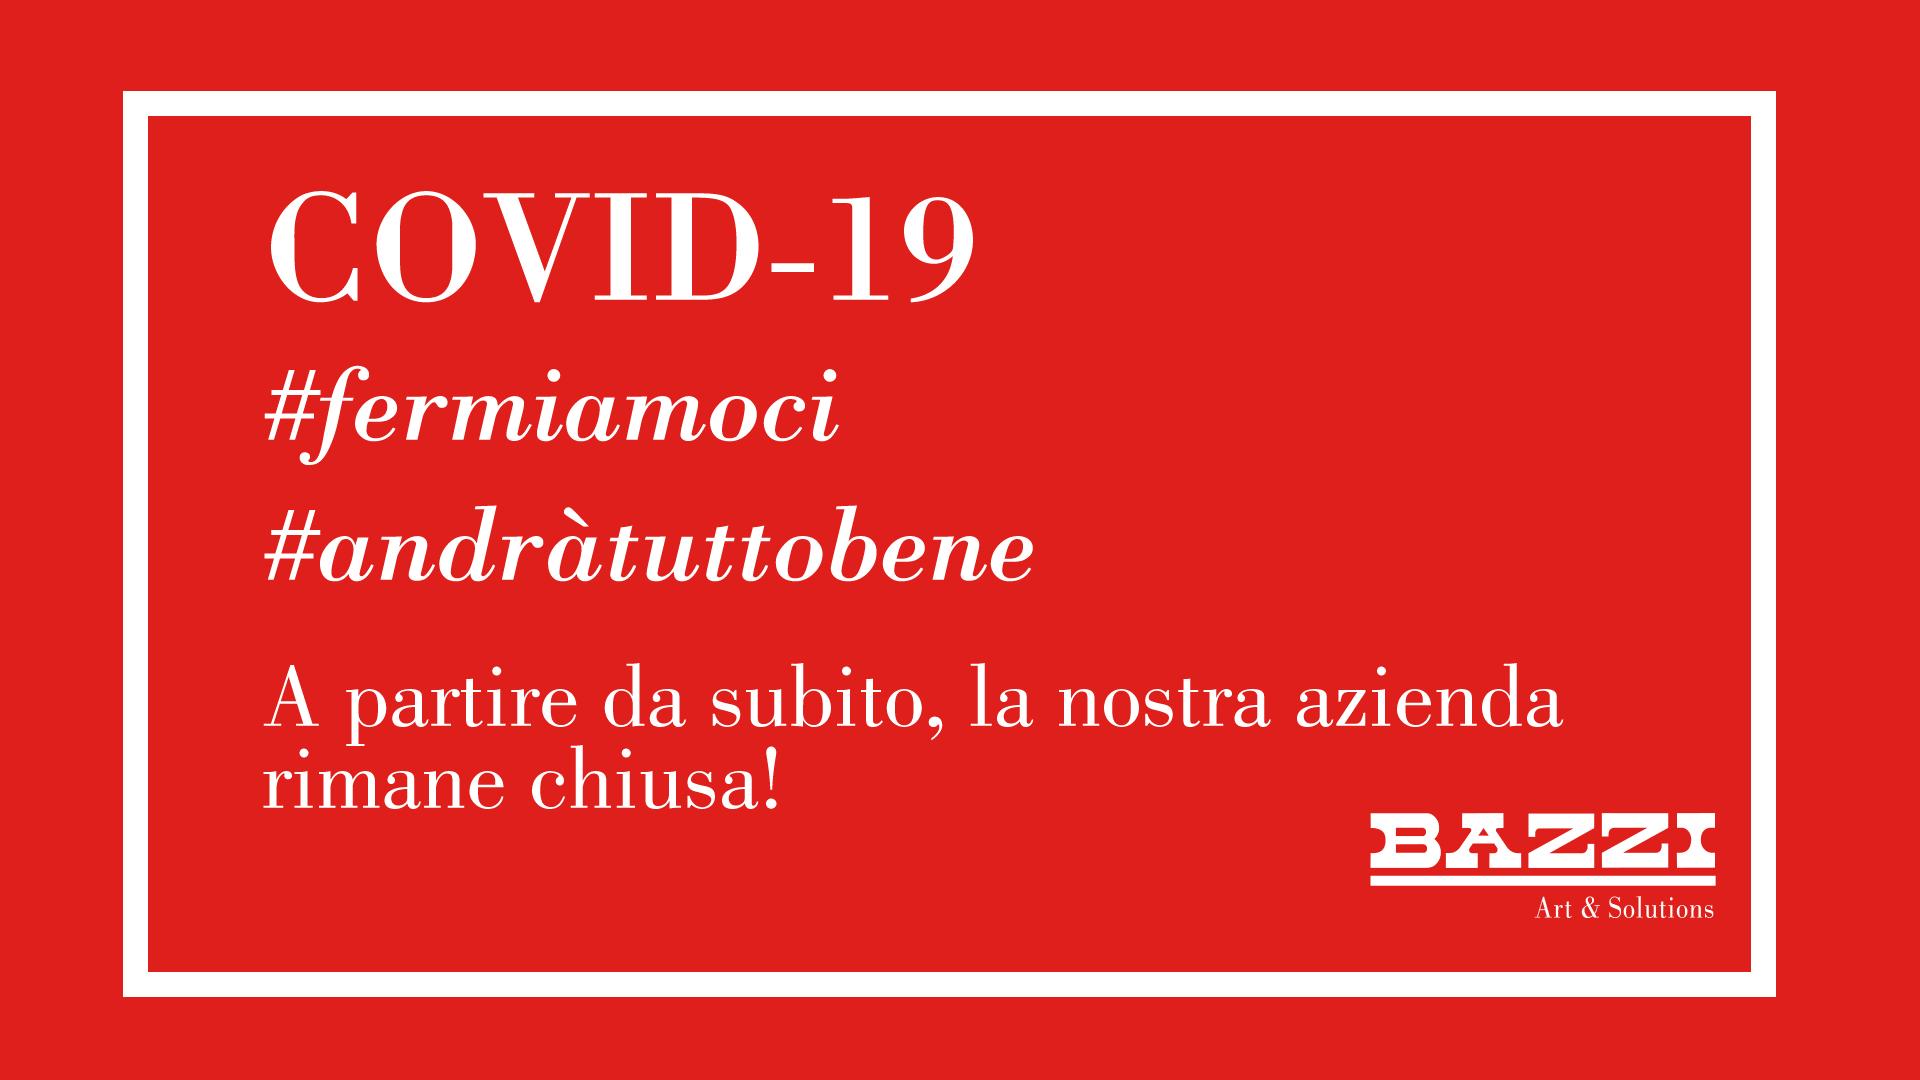 COVID-19 #fermiamoci